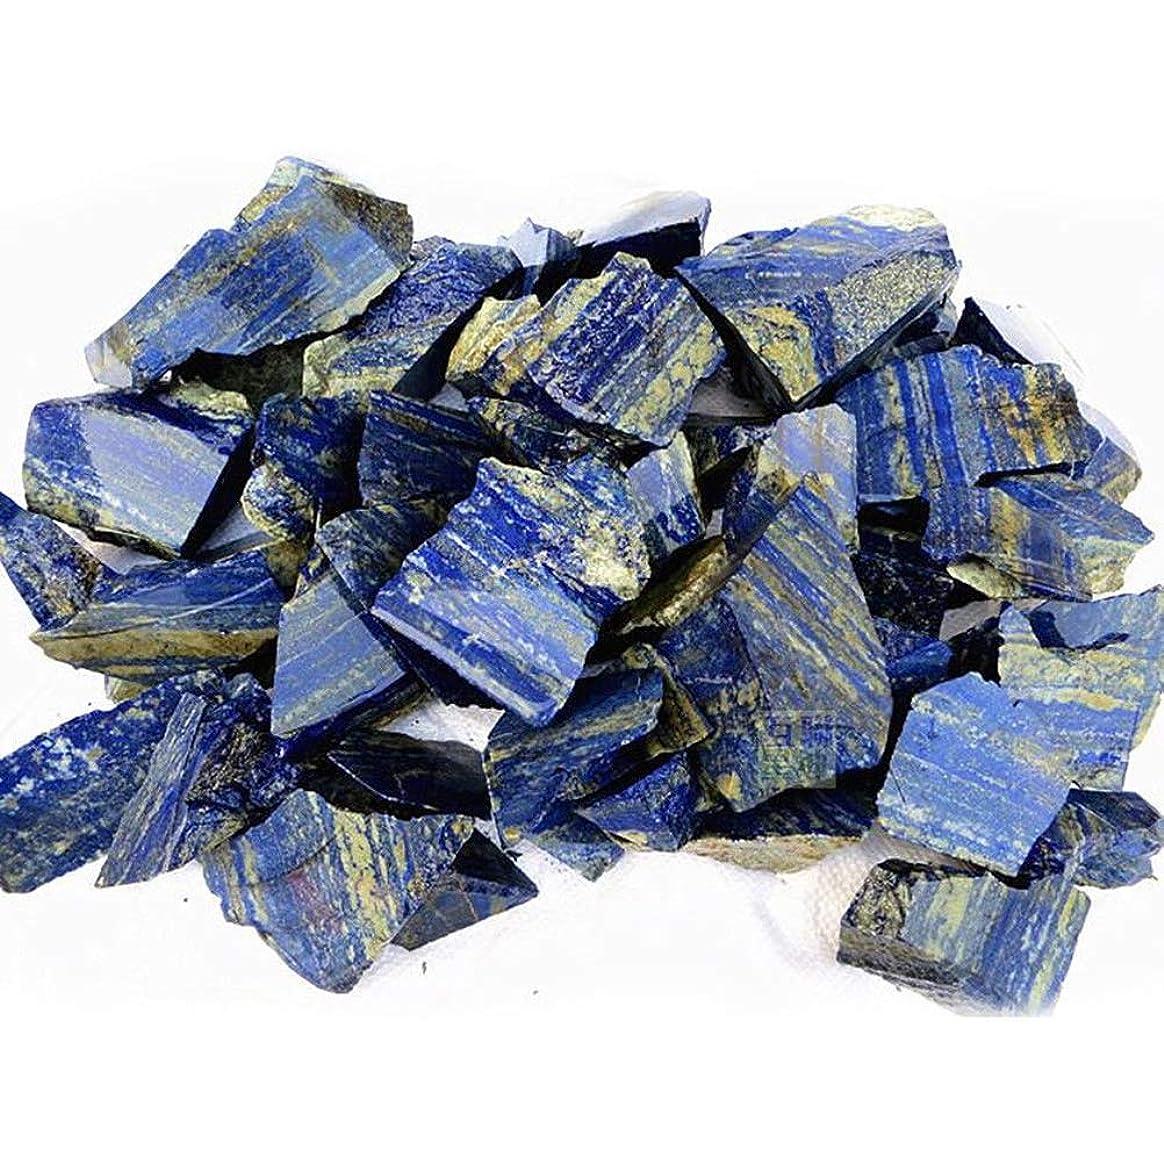 仲間バランスのとれた初期のVosarea 100グラムナチュラルラピスラズリタンブルストーンヒーリングレイキクリスタルジュエリー作りホームデコレーションdiy材料宝石石